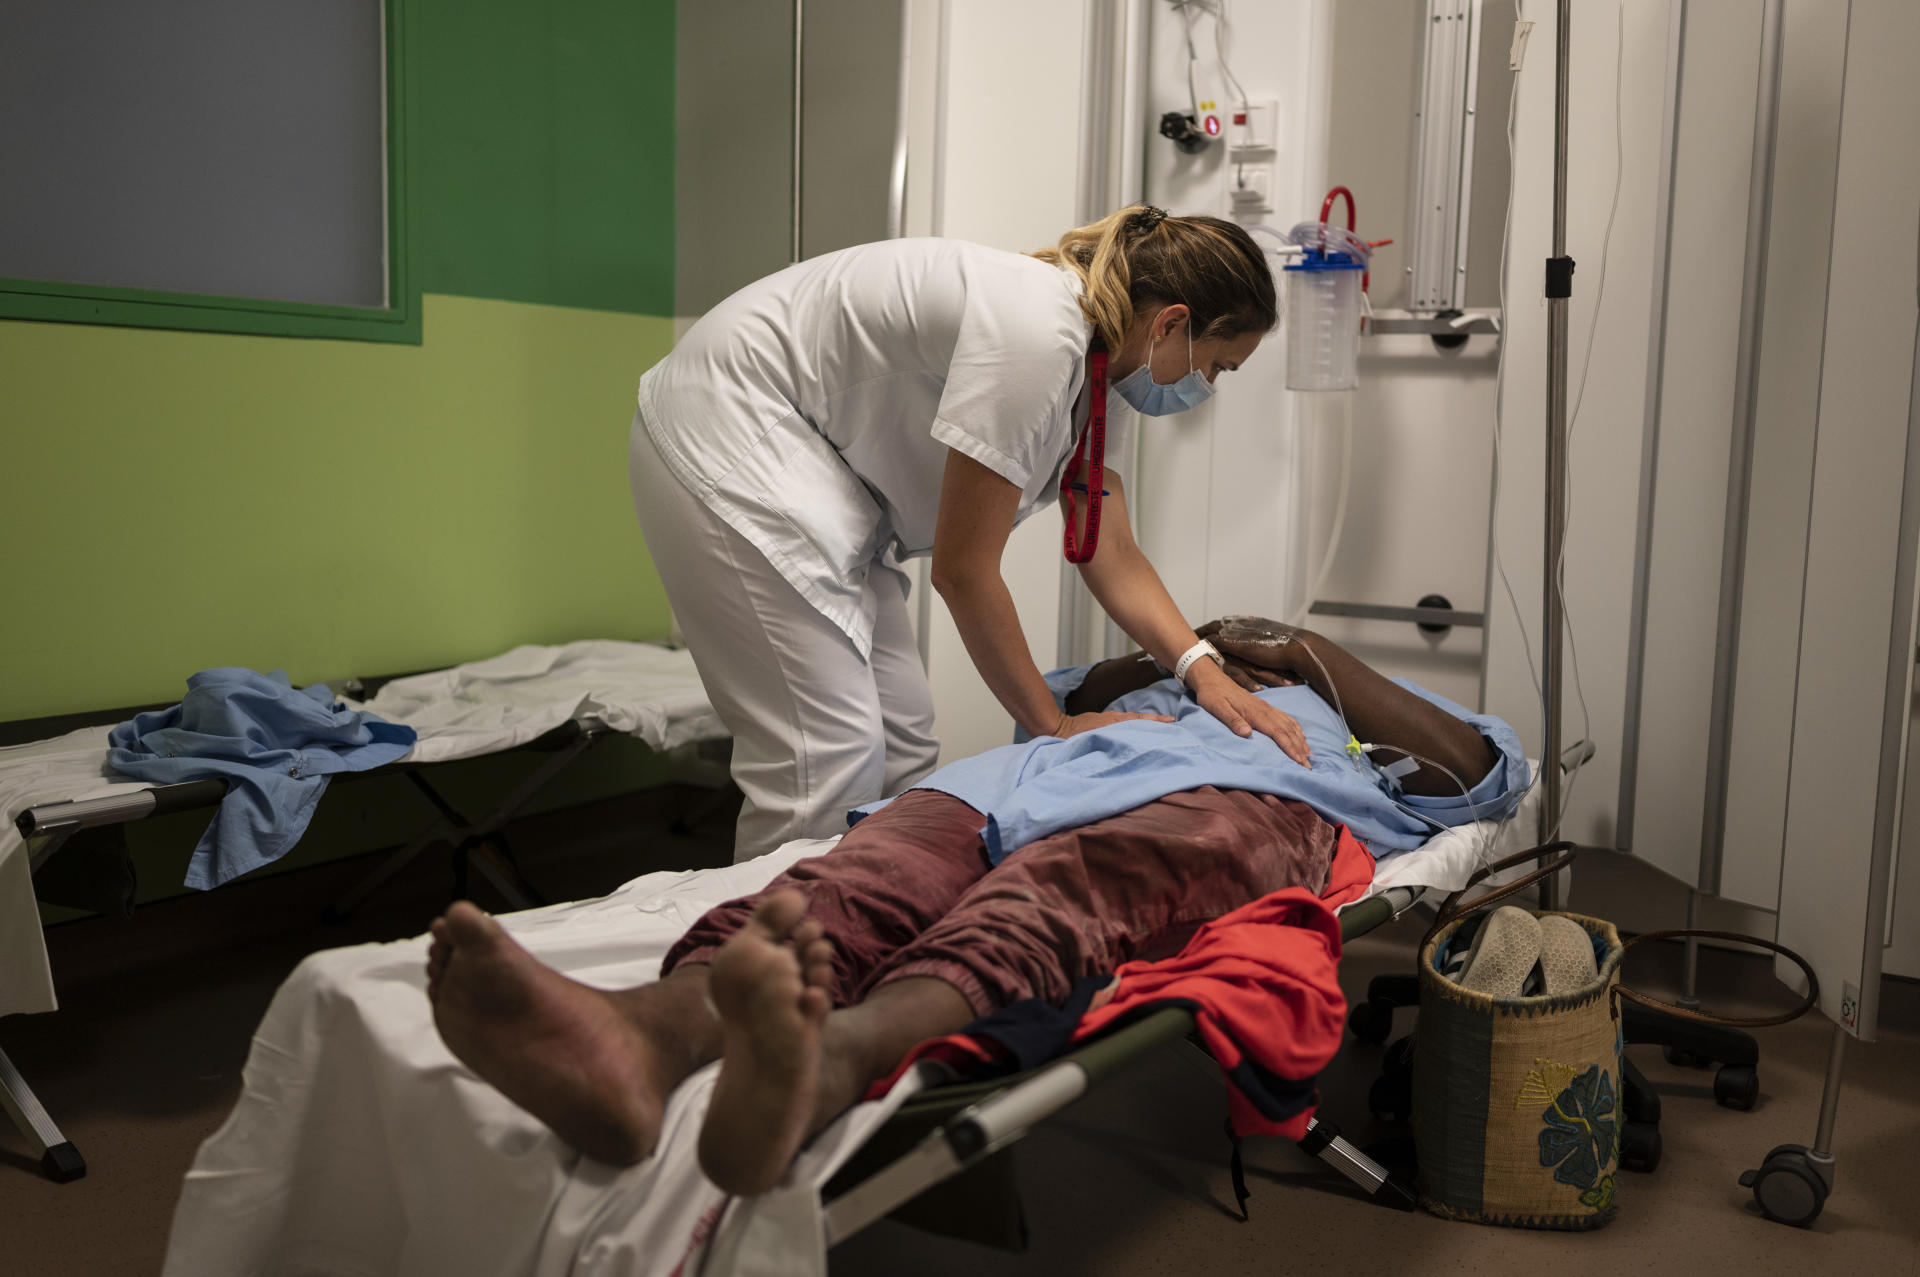 Een spoedarts onderzoekt een patiënt op noodbrancards van hetzelfde type als in het leger.  CHOR, Saint Paul, Réunion, 25 mei 2021.